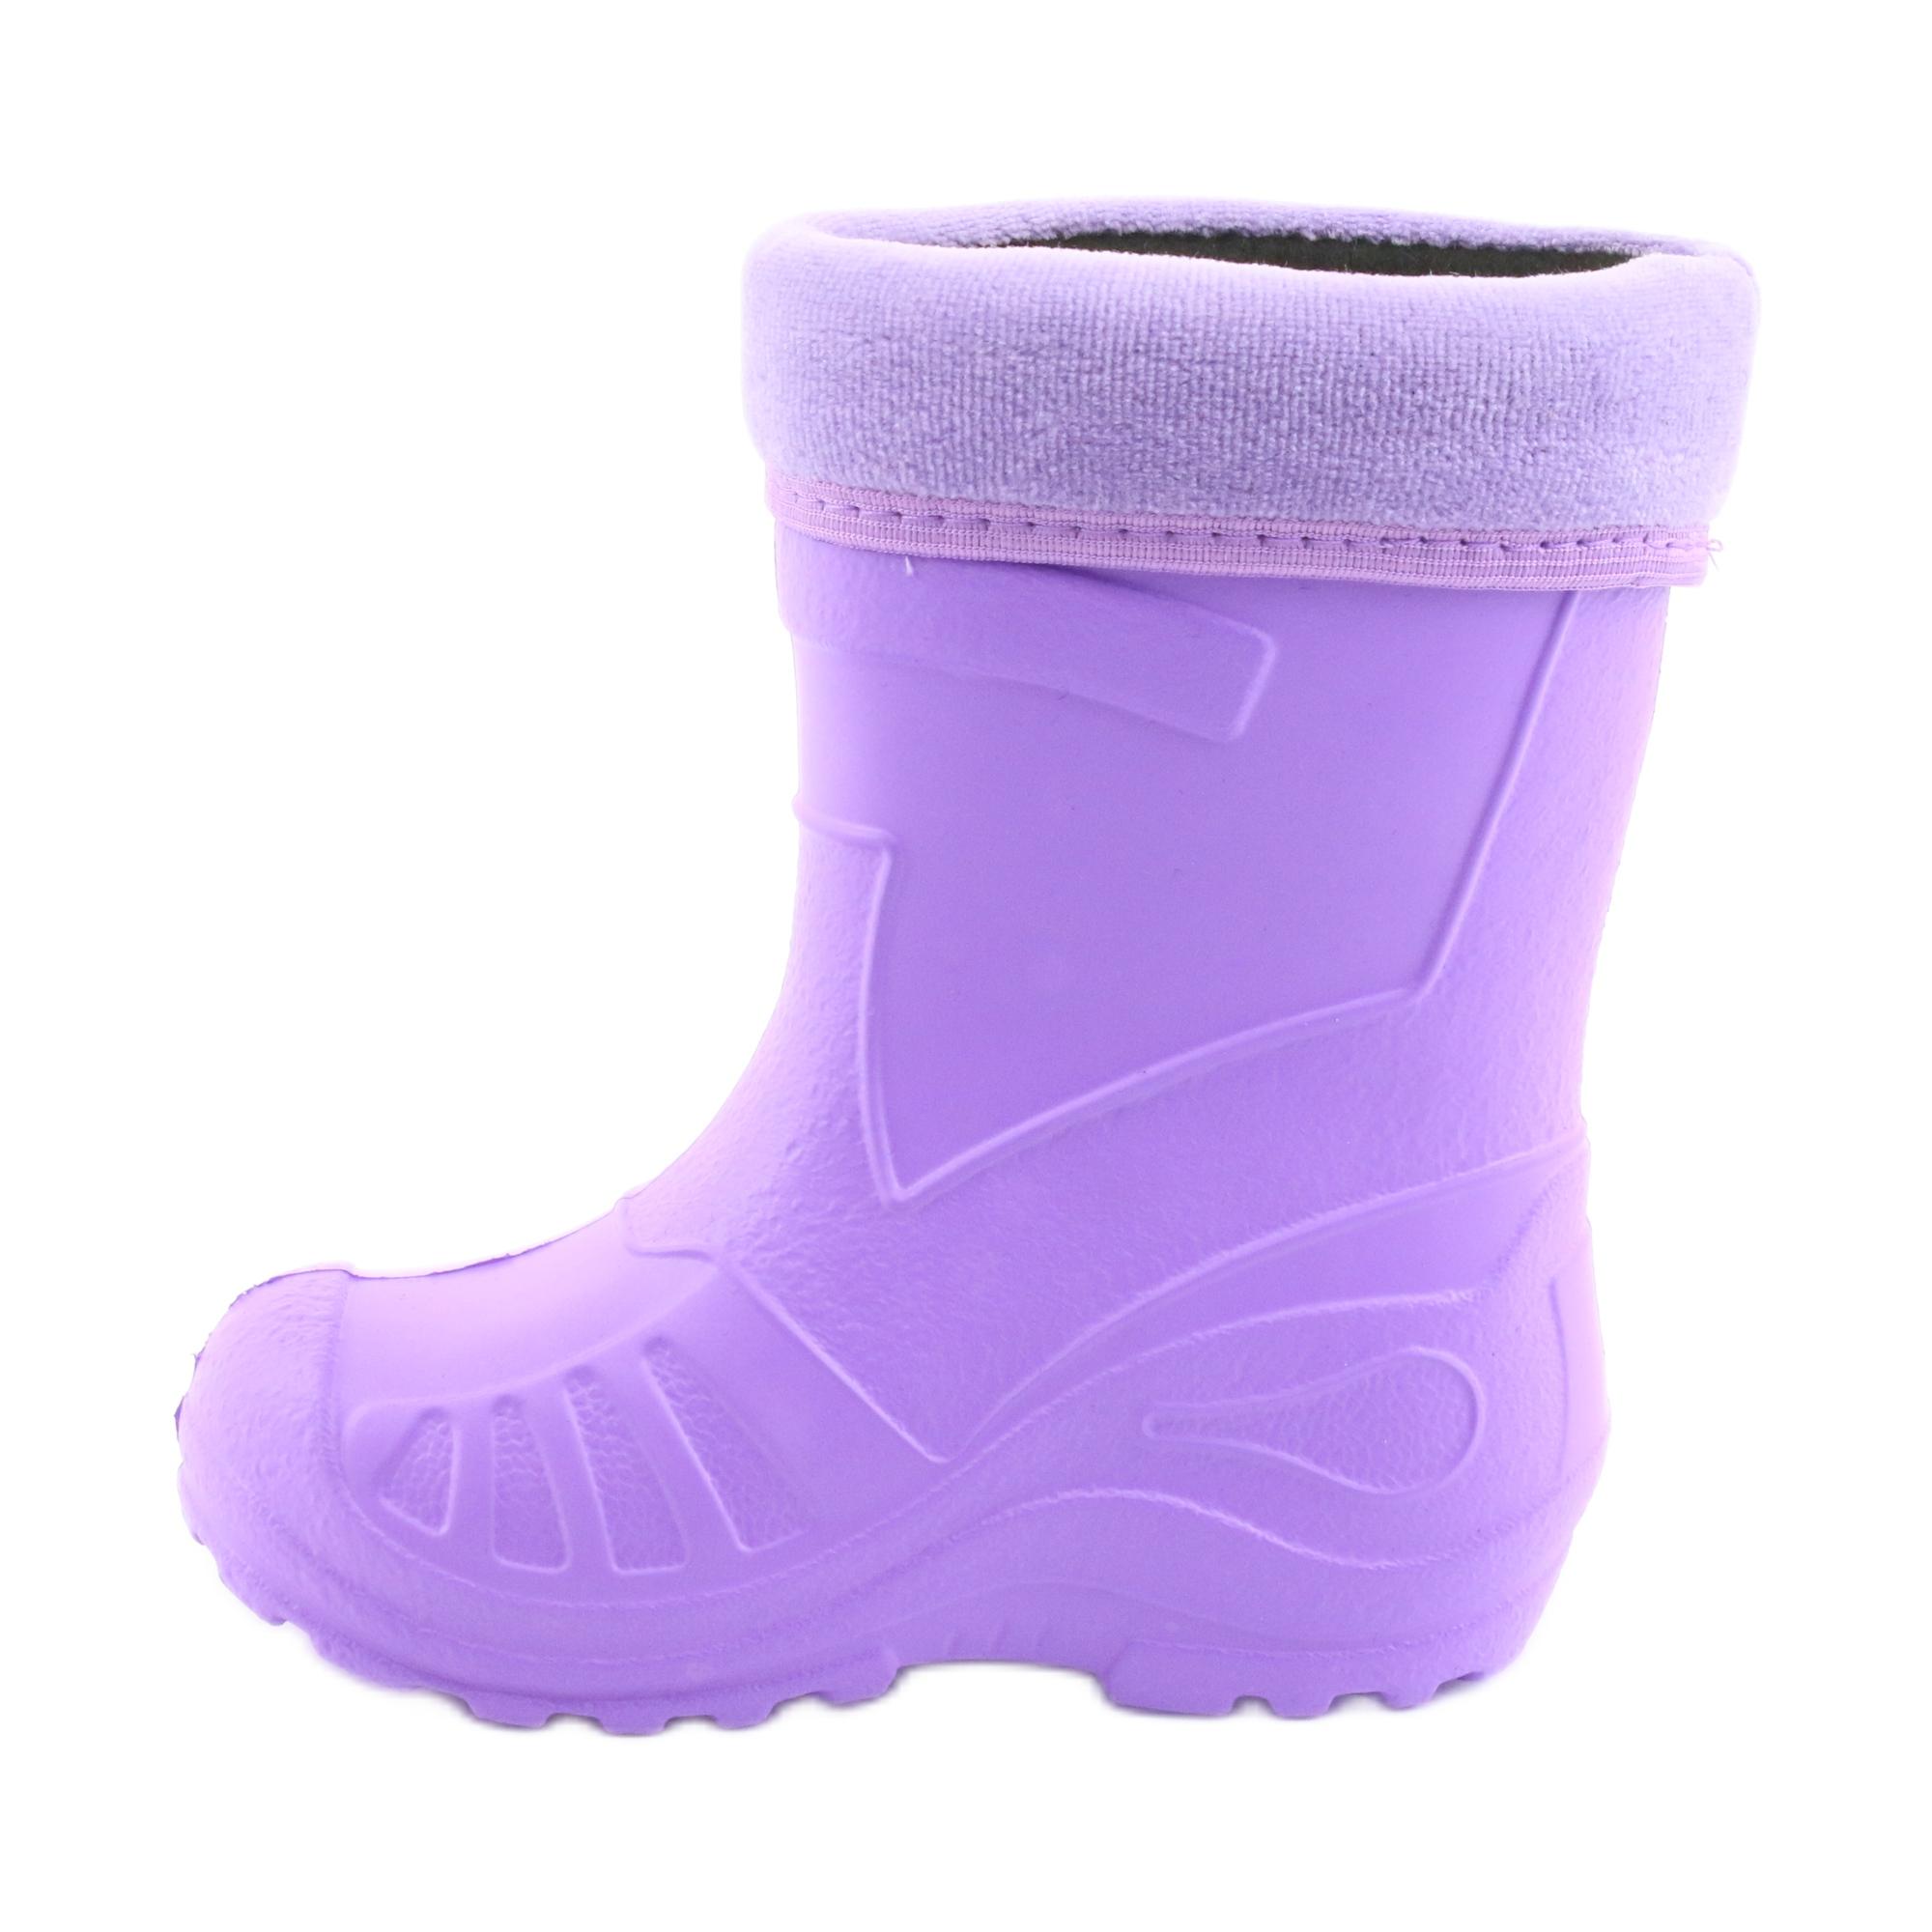 miniatura 3 - Stivali da pioggia per bambini Befado viola 162X102 porpora